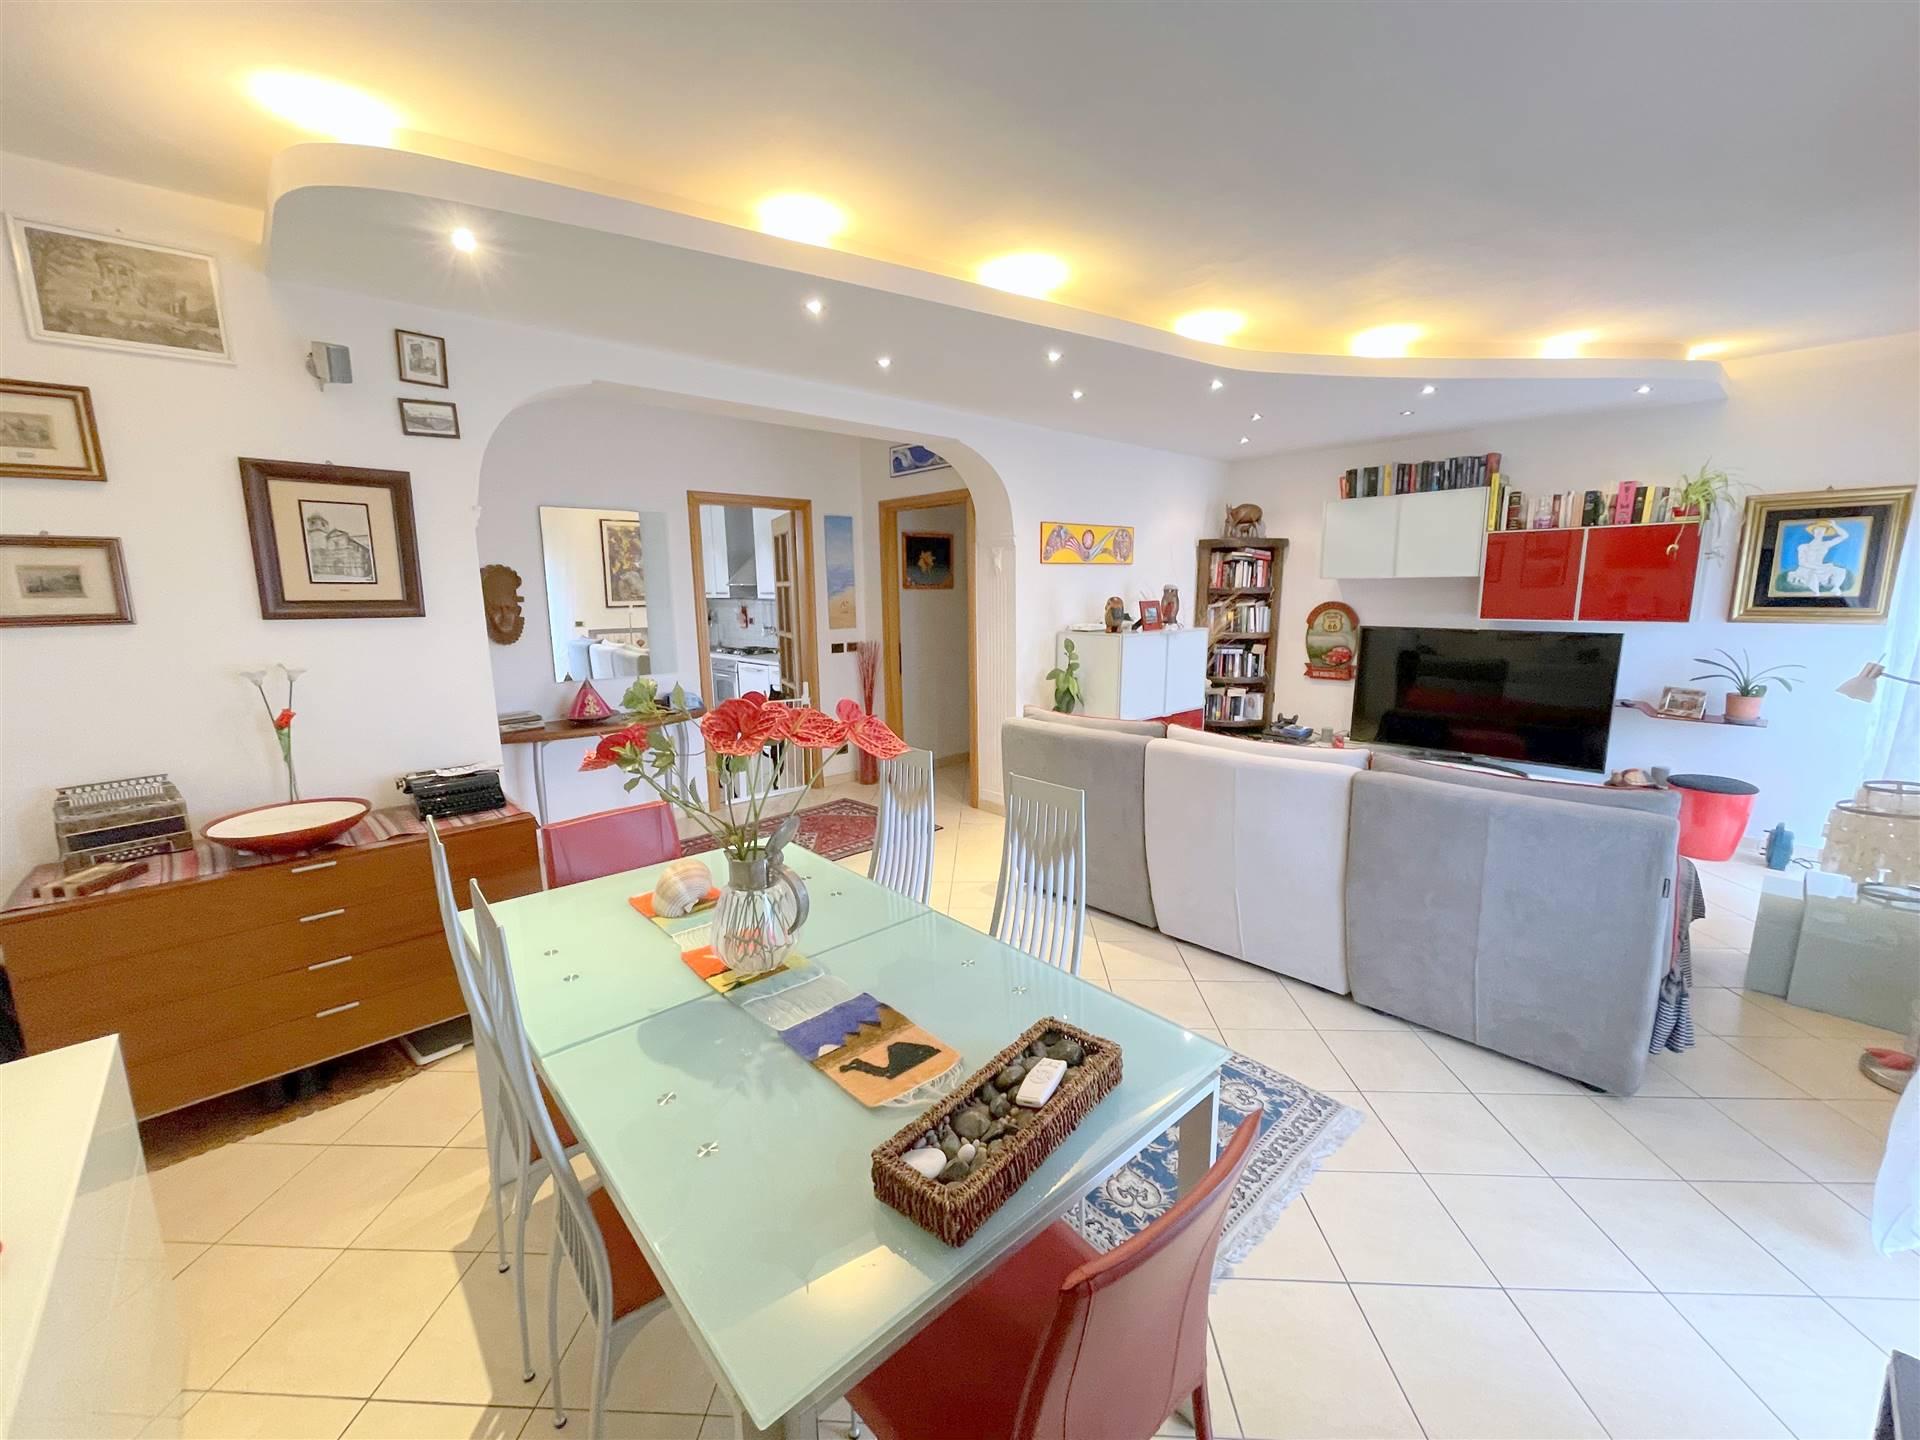 SAN BIAGIO, OSIMO, Wohnung zu verkaufen von 128 Qm, Renoviert, Heizung Unabhaengig, am boden 2° auf 3, zusammengestellt von: 7 Raume, Separate Küche,